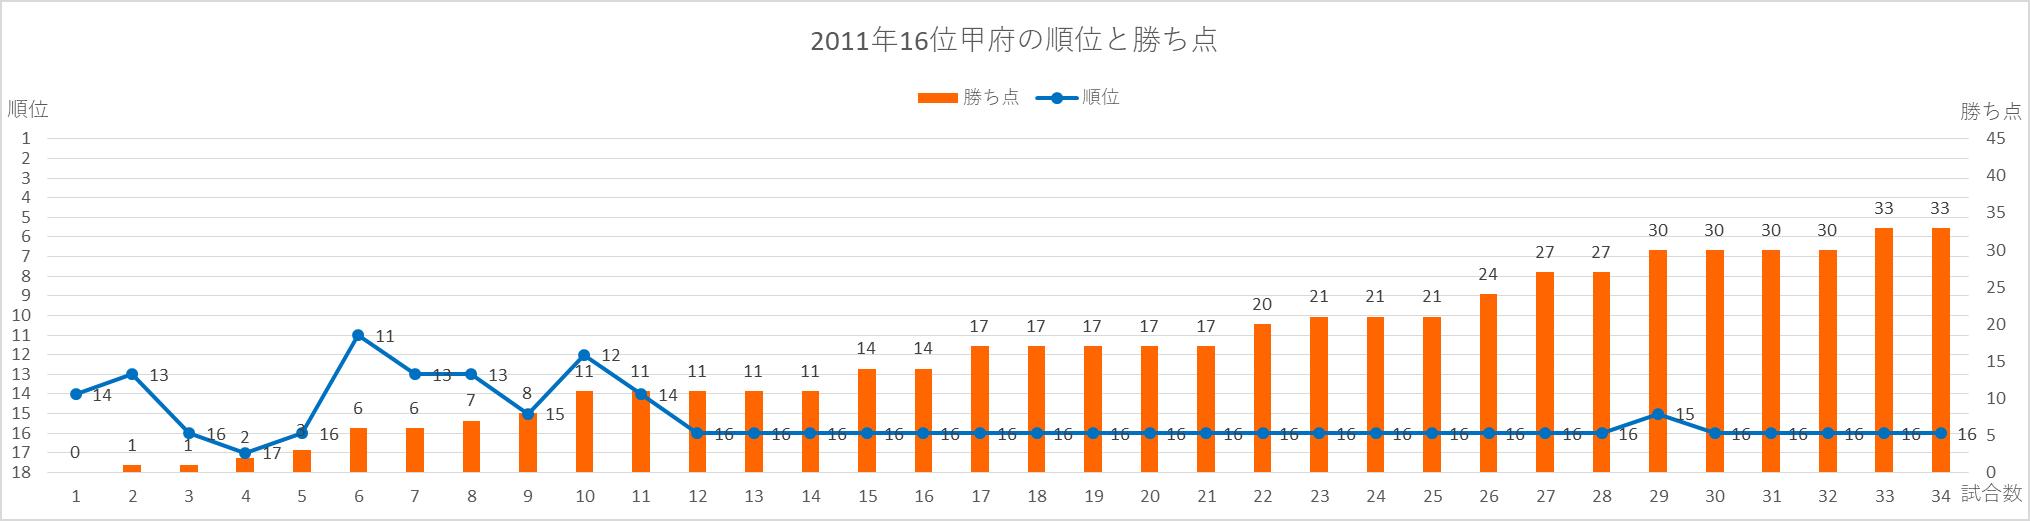 2011年甲府の順位と勝ち点の推移